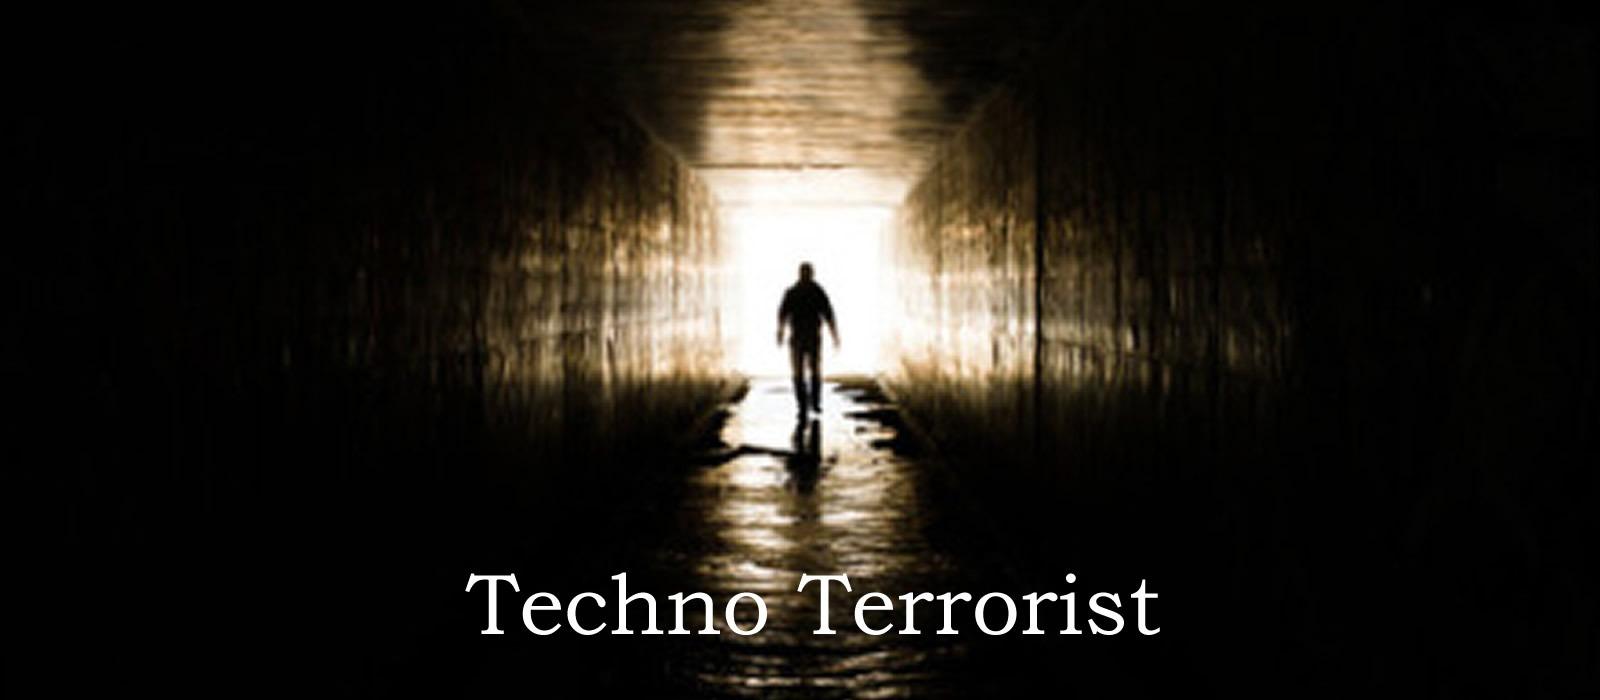 Techno-Terrorist (NL)